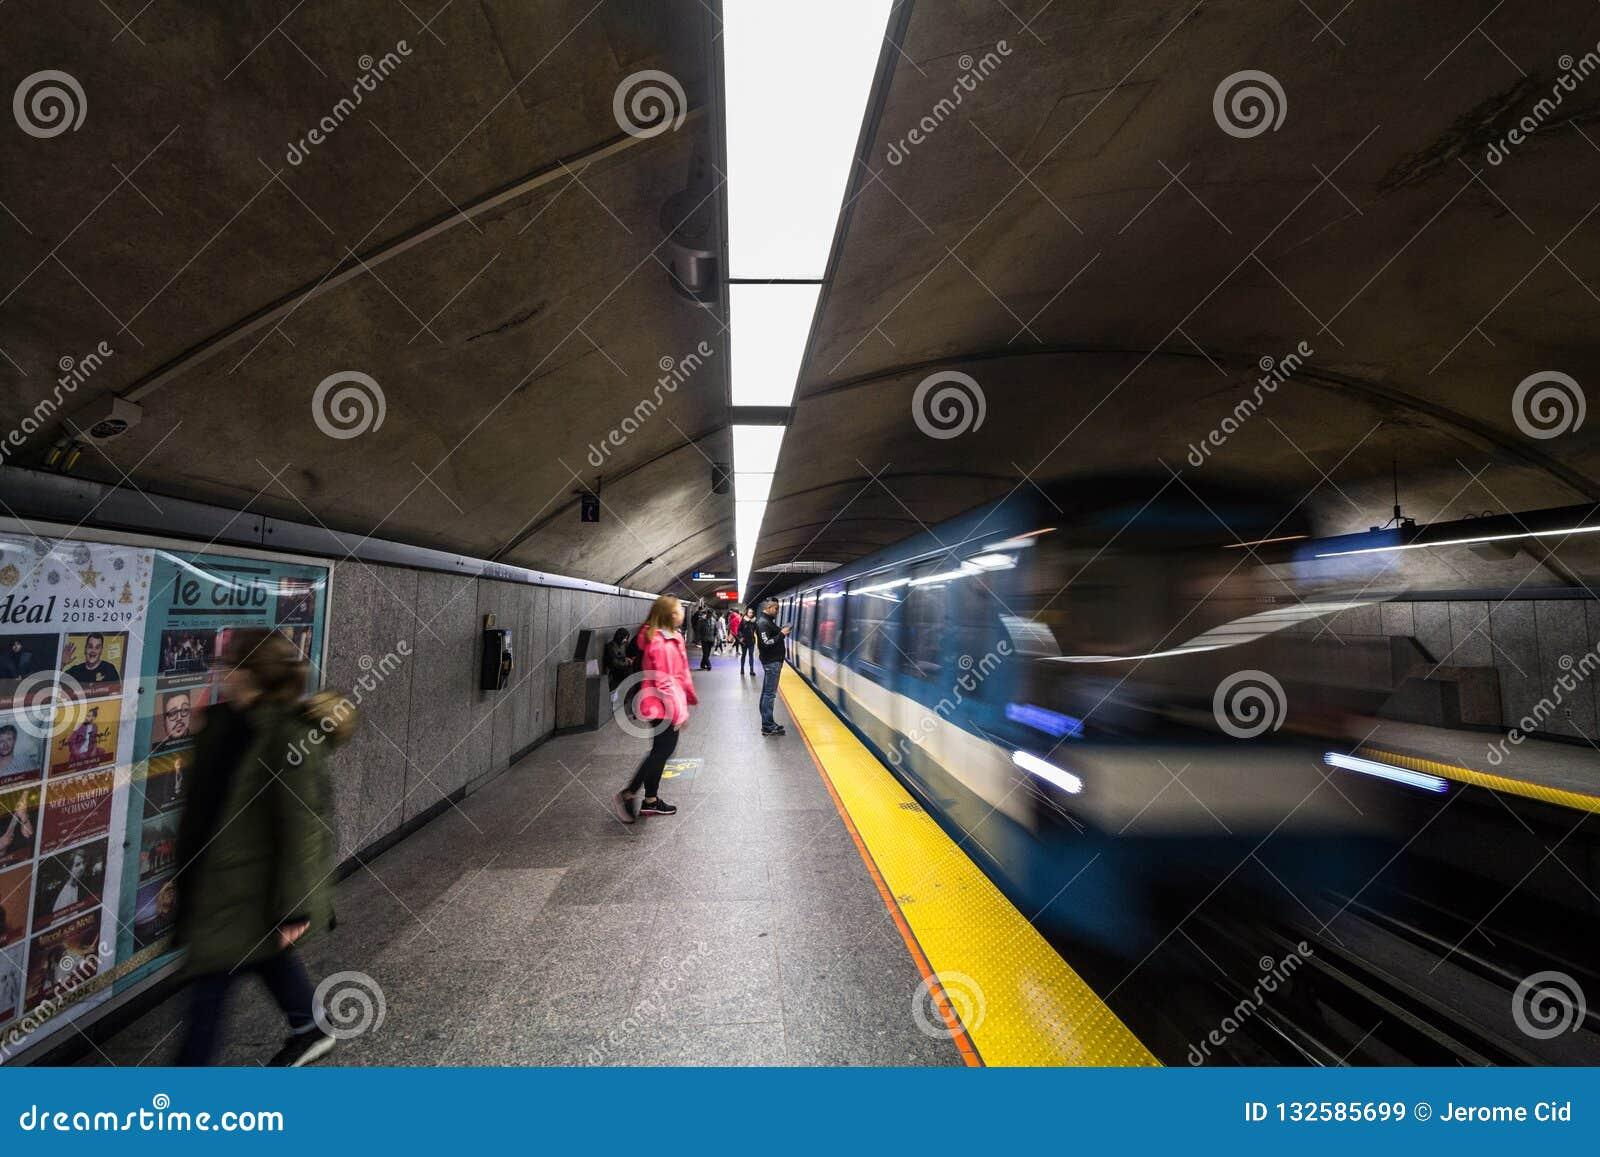 人们在彻特des Neiges驻地平台,蓝线的等待一个地铁,而地铁火车来临,与速度迷离